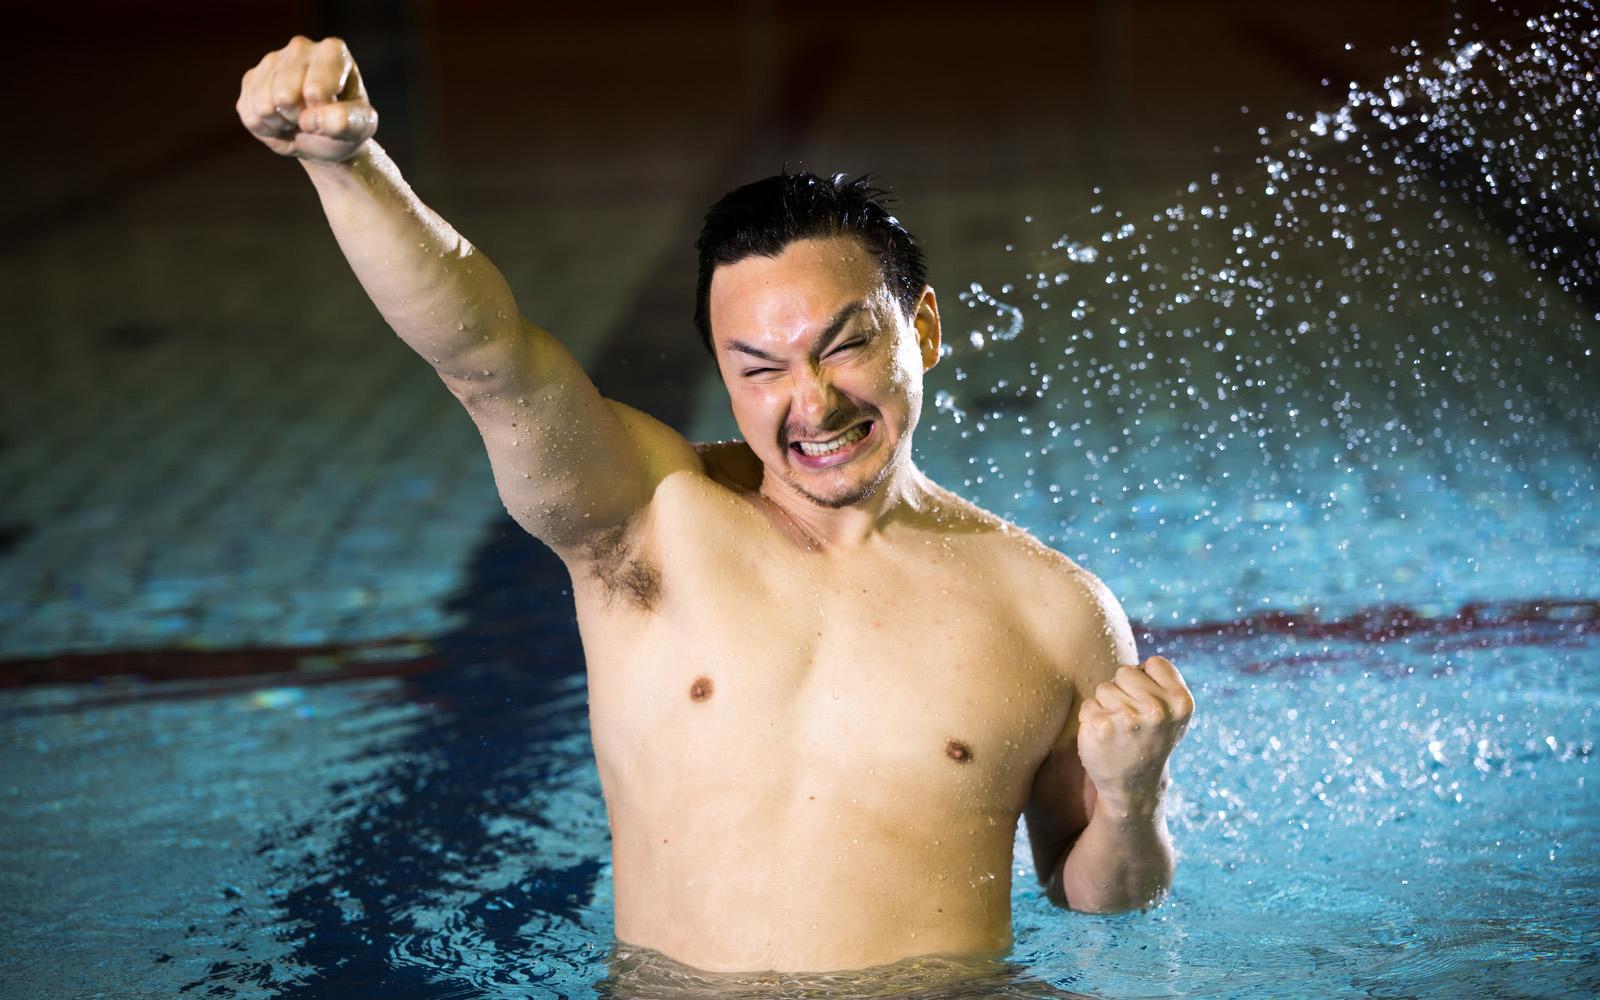 プールでガッツポーズをする男性